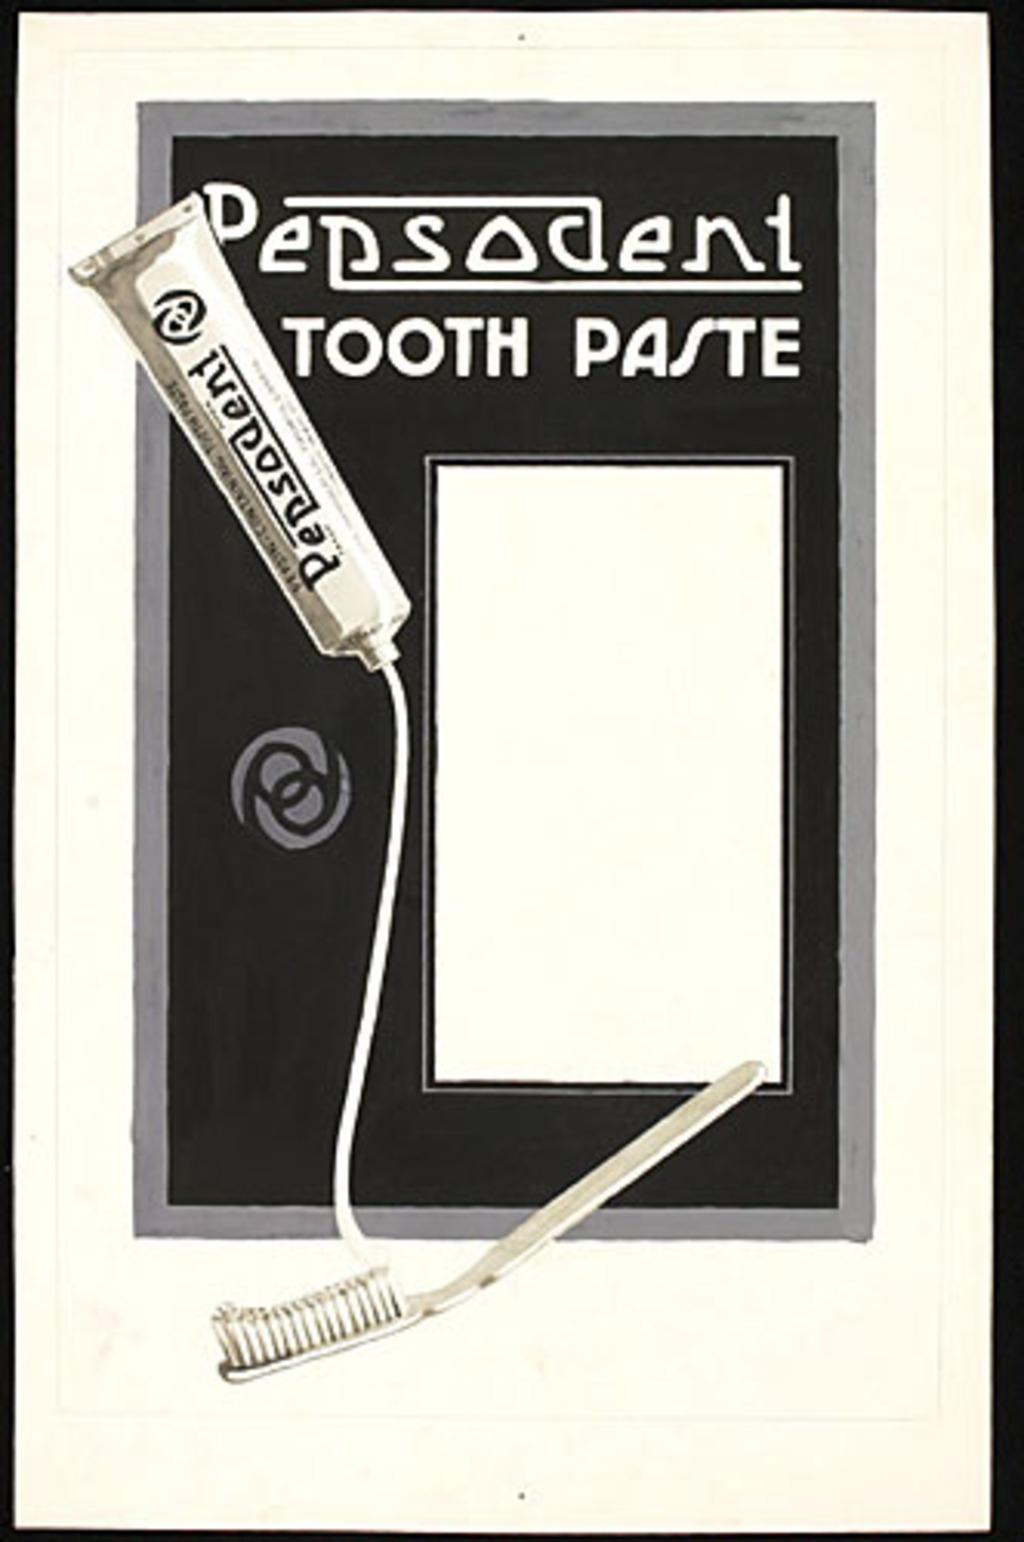 Illustration pour l'affiche « Pepsodent »